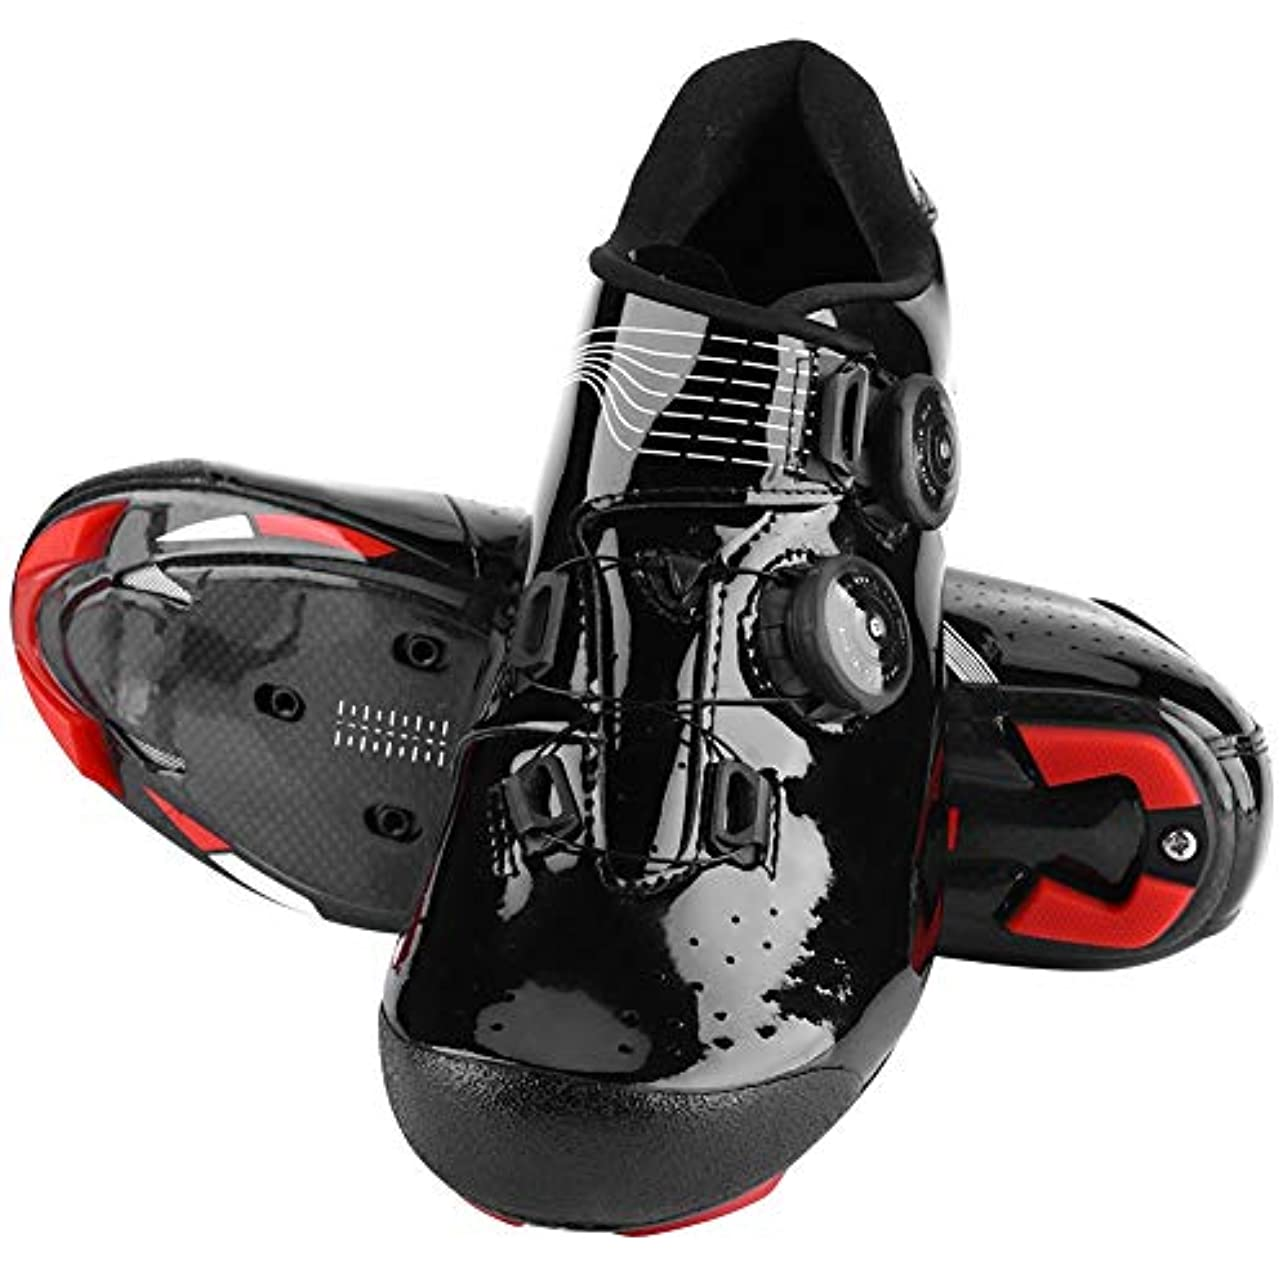 タバコ精算止まるサイクリングシューズ バイクシューズ メンズカーボンファイバーシューズ 信頼性 安定性 頑丈 反射縞付き 通気性 快適性 耐衝撃 ブラック